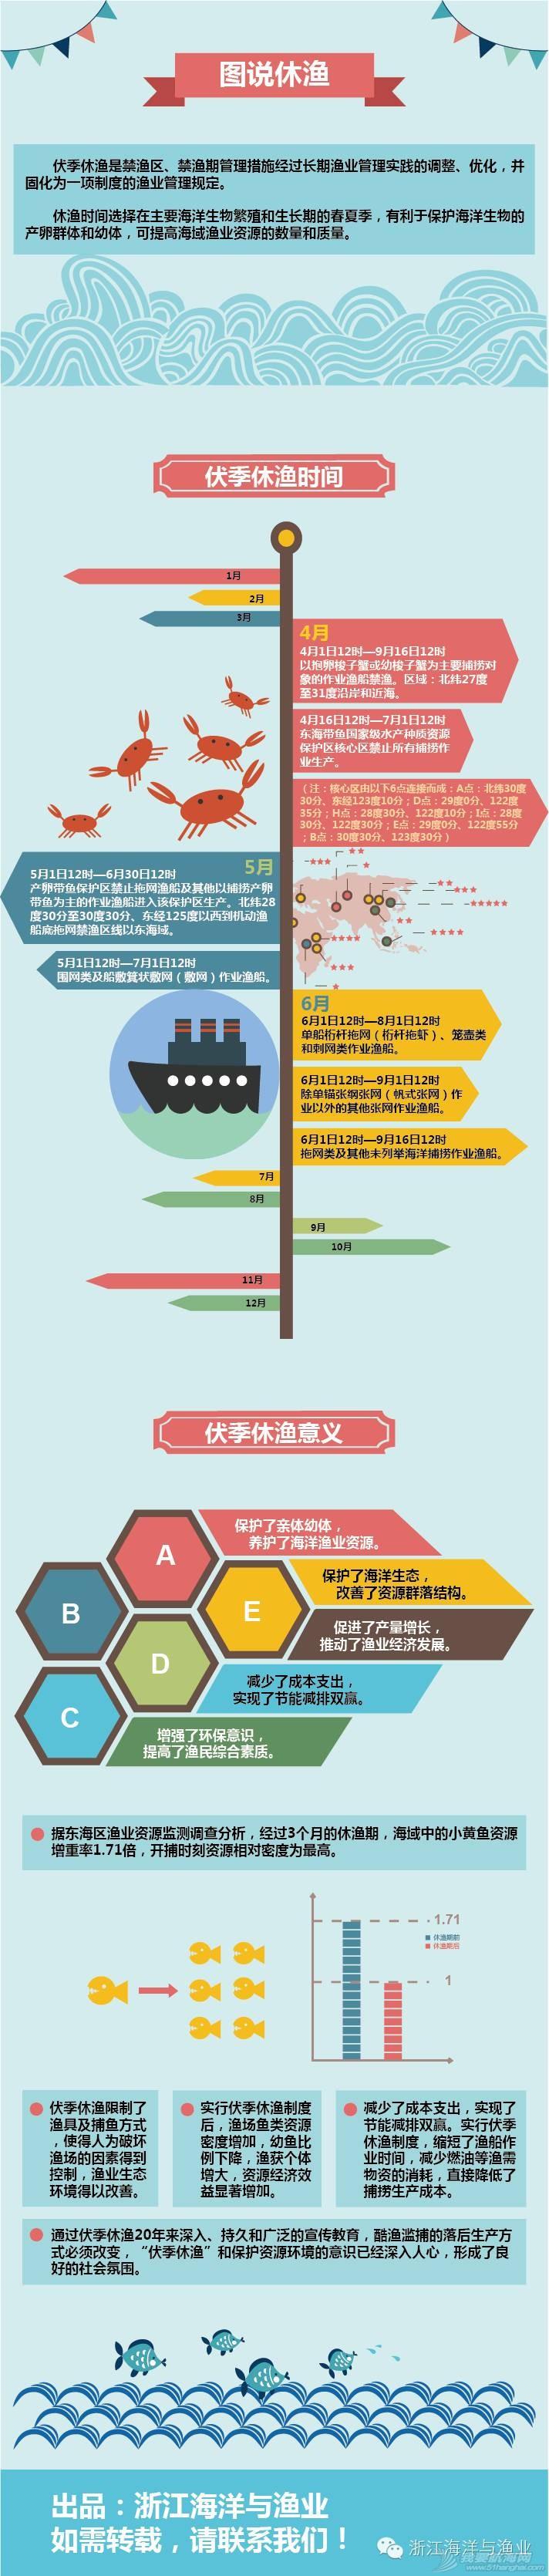 2016年浙江省海洋禁渔通告 ec36fb4af54be2d0408ae450ff10d6ca.jpg